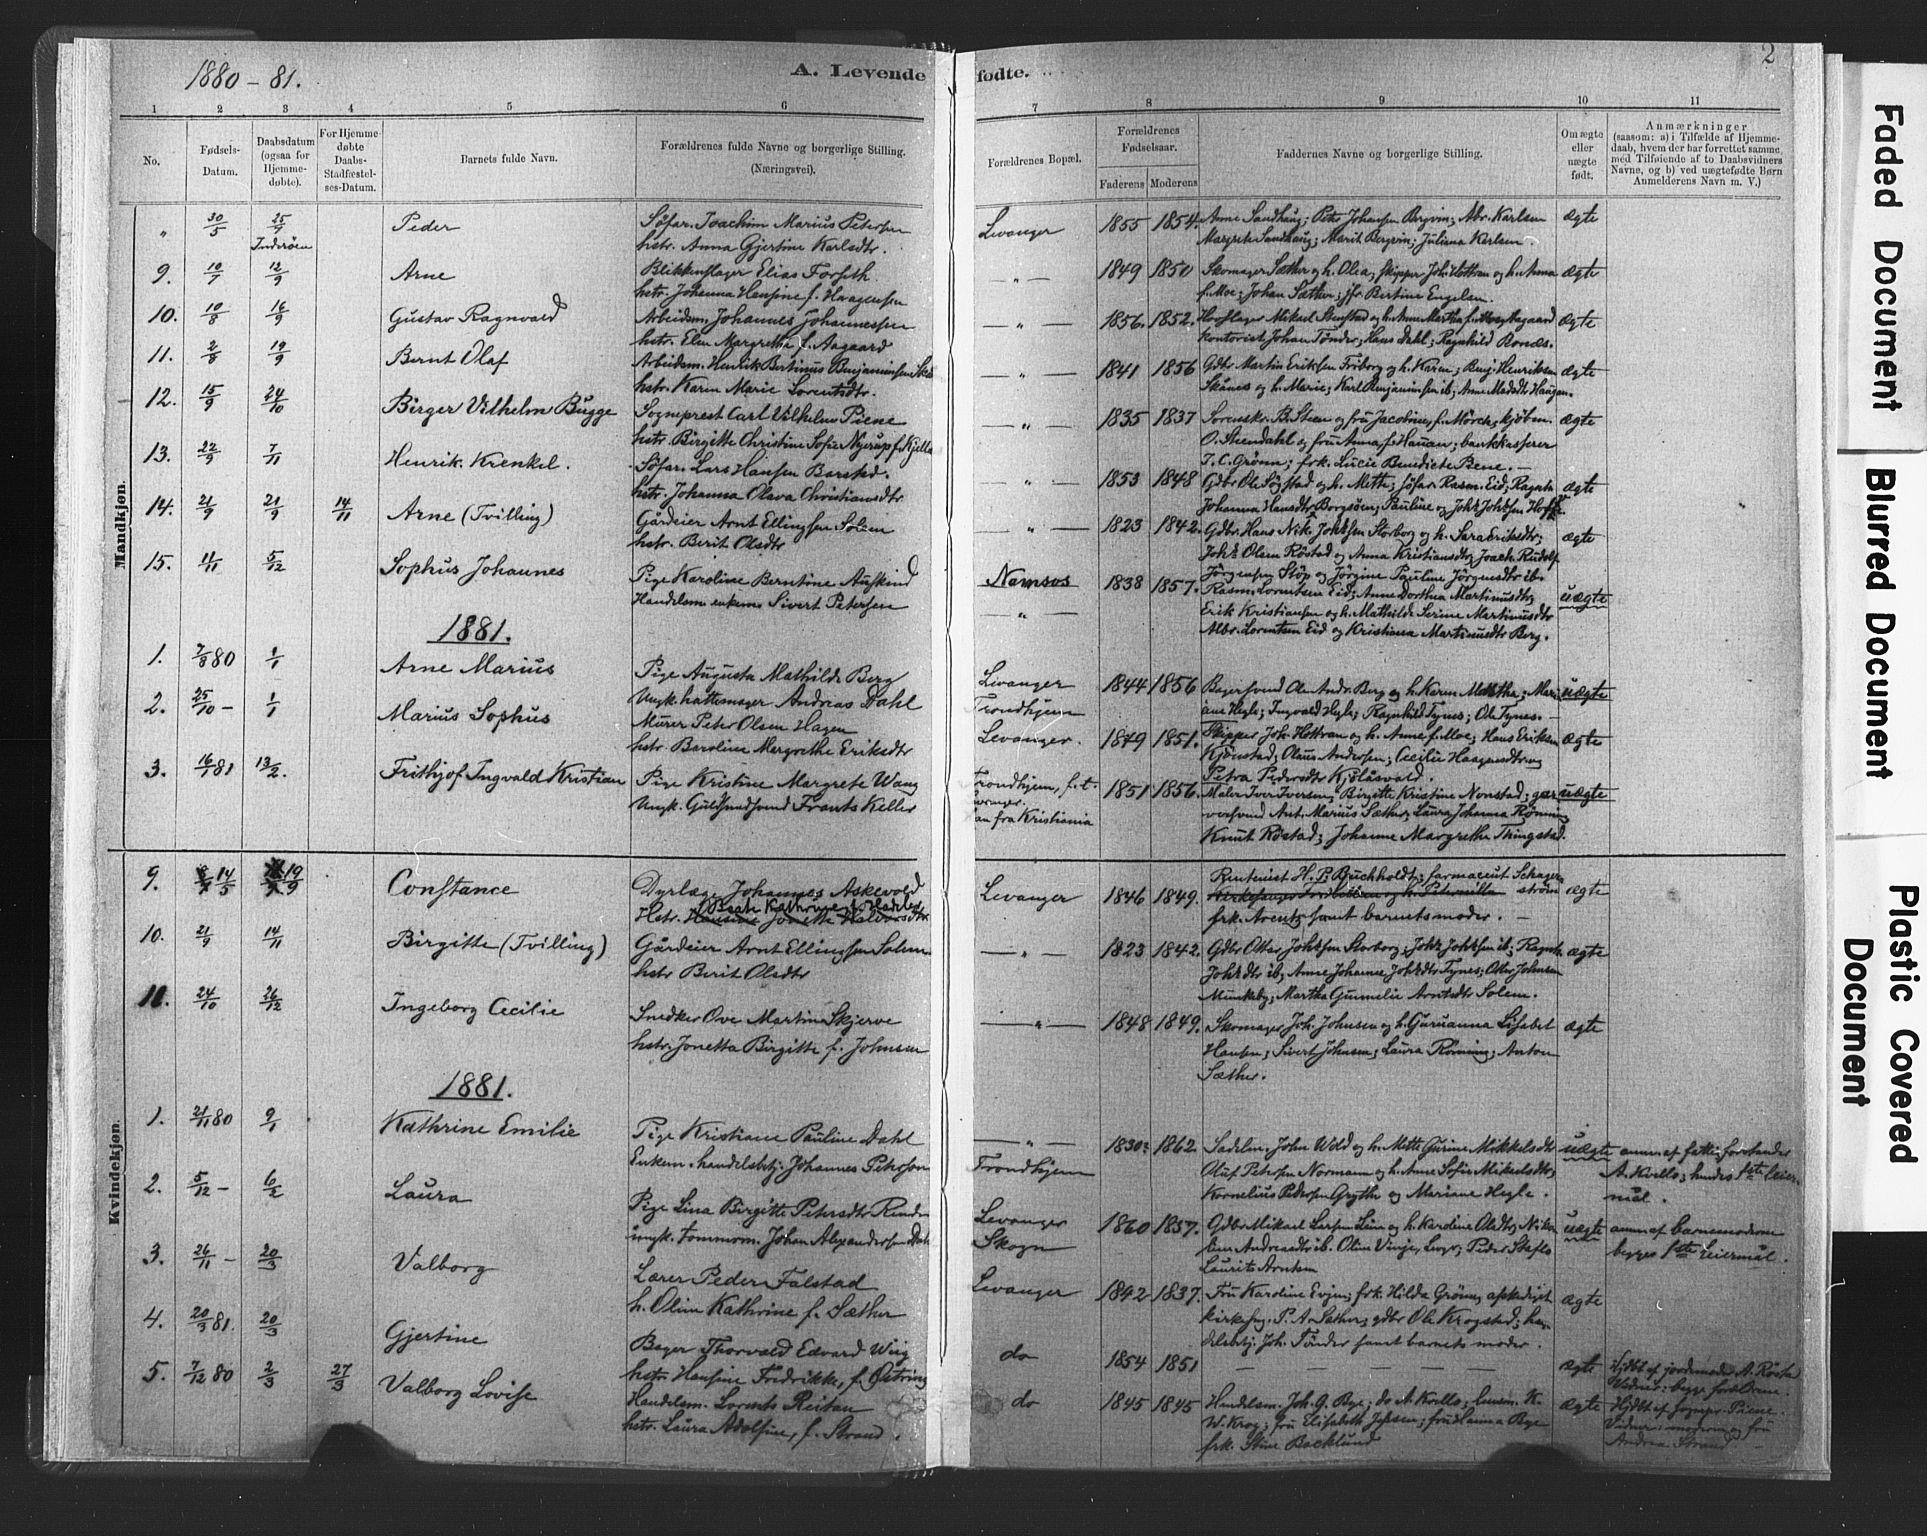 SAT, Ministerialprotokoller, klokkerbøker og fødselsregistre - Nord-Trøndelag, 720/L0189: Ministerialbok nr. 720A05, 1880-1911, s. 2